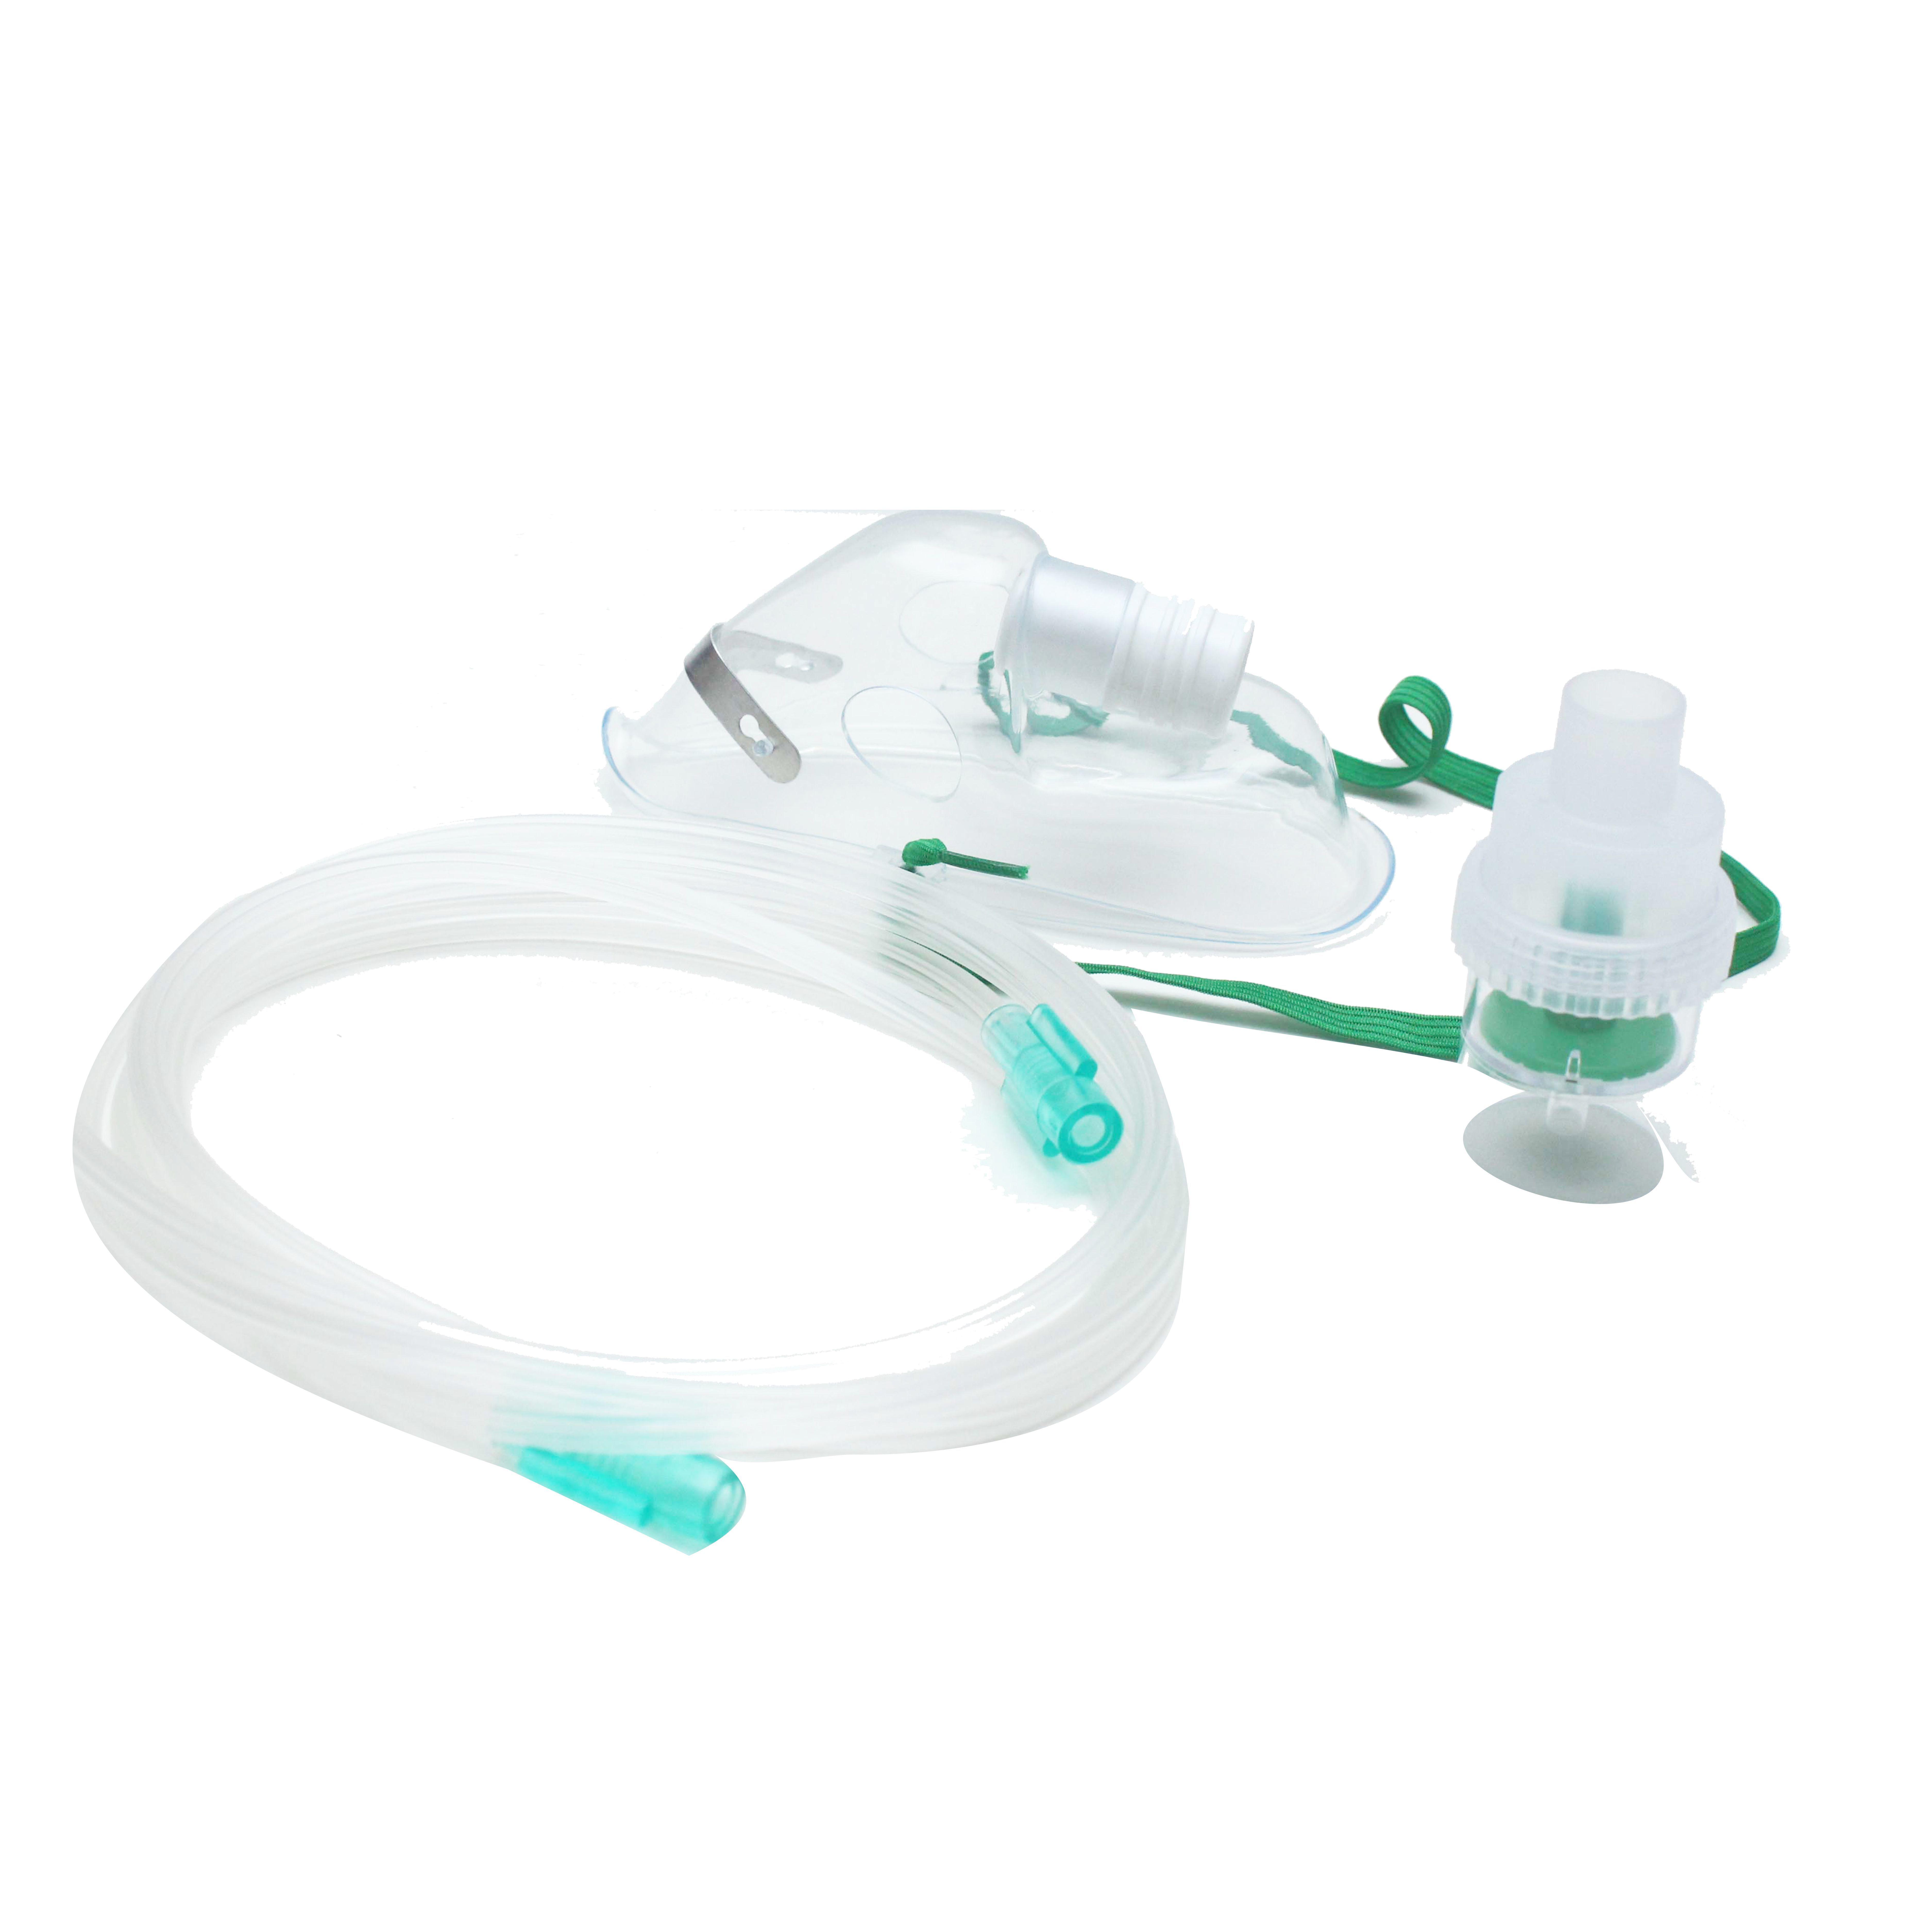 Nebulizer Mask with Chamber